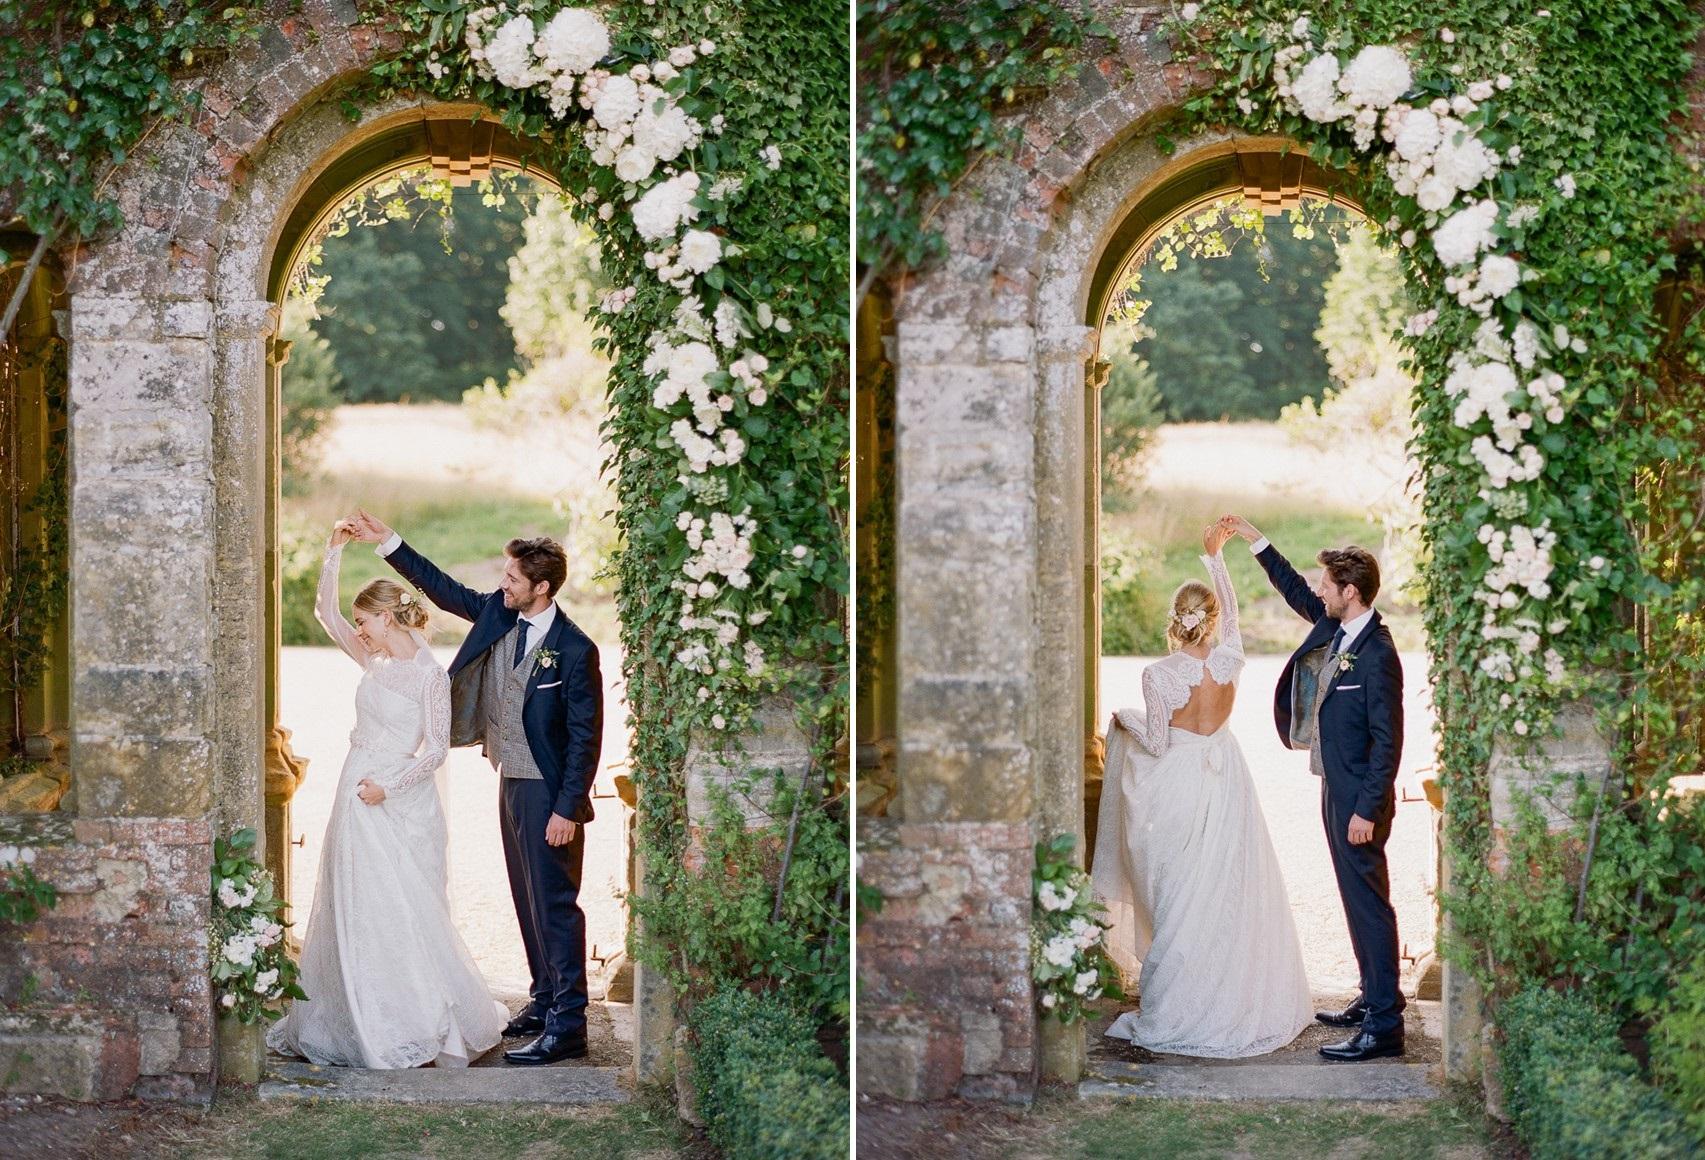 English Country Garden Wedding Inspiration